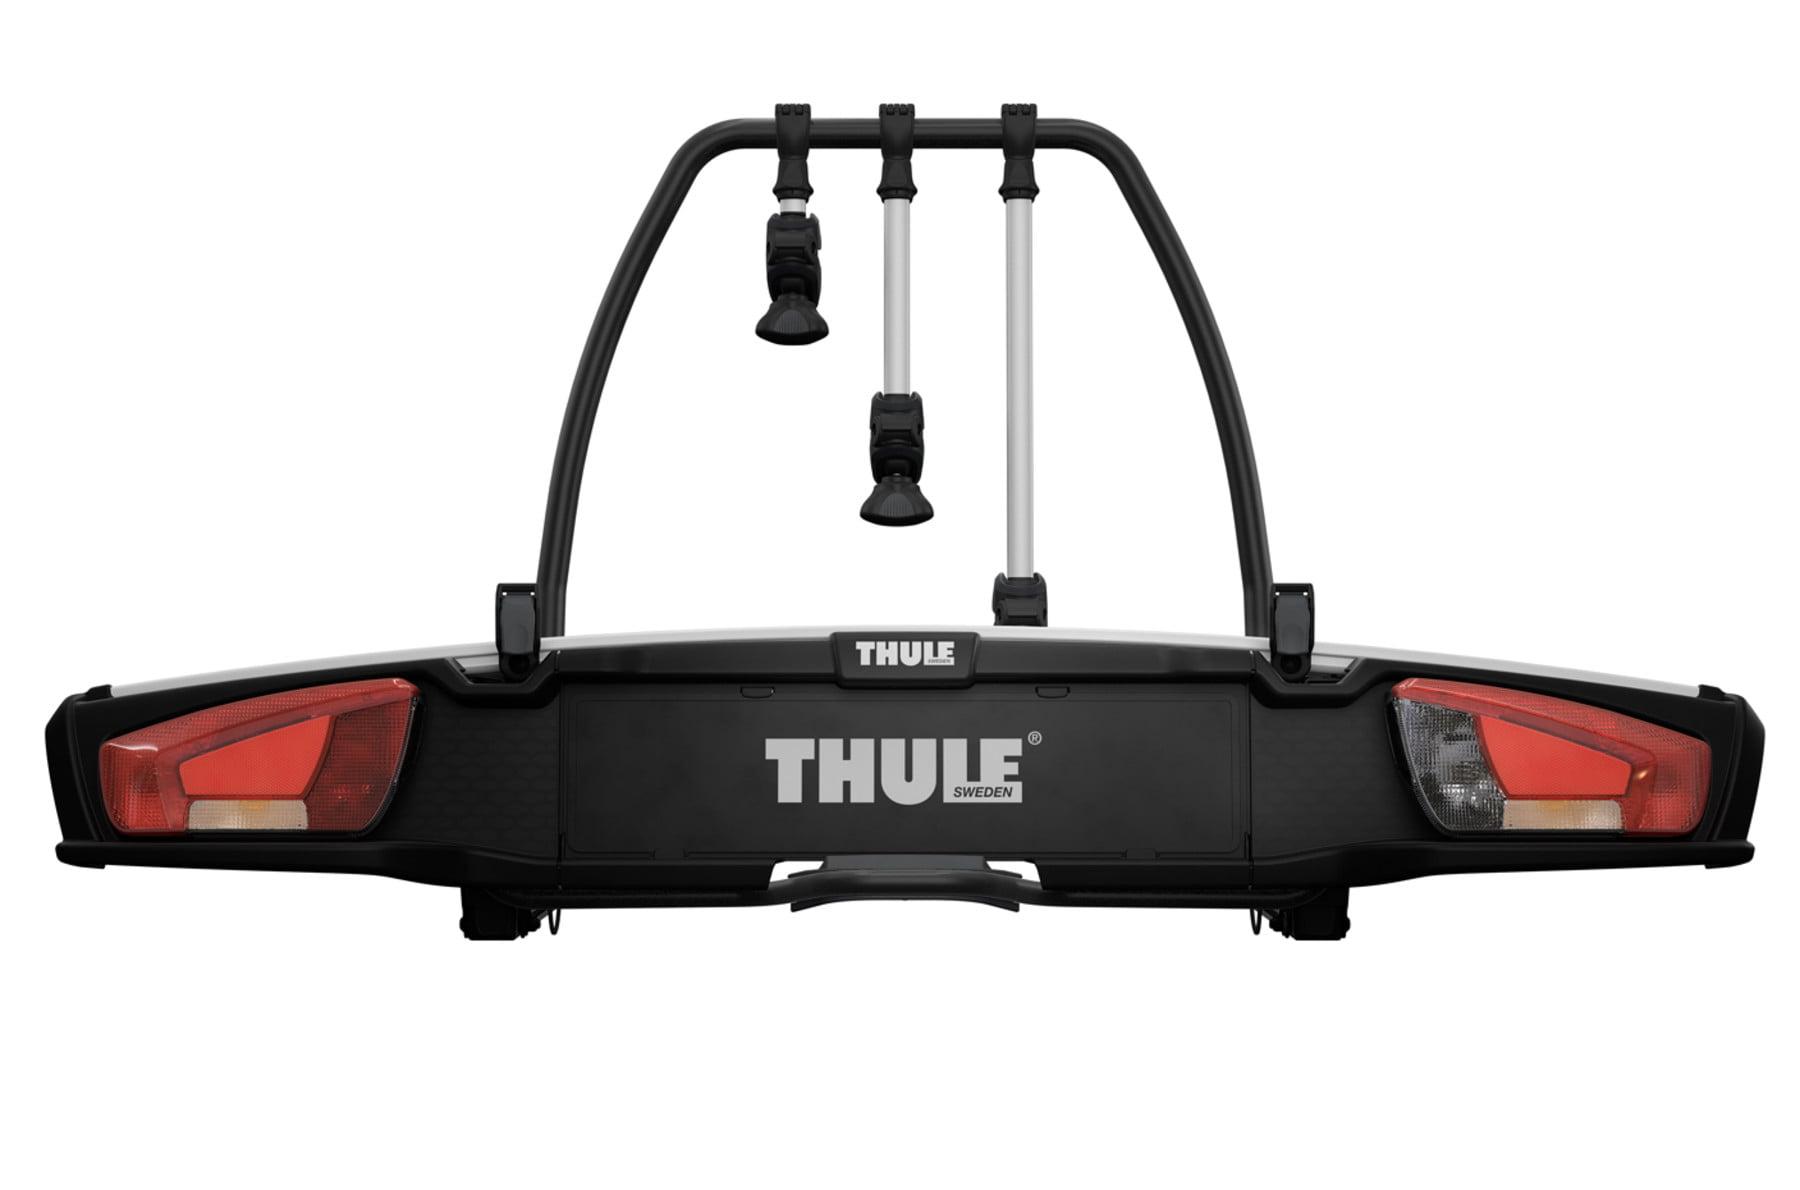 Suport pentru 3 biciclete Thule VeloSpace 939 XT3 cu prindere pe carligul de remorcare 4